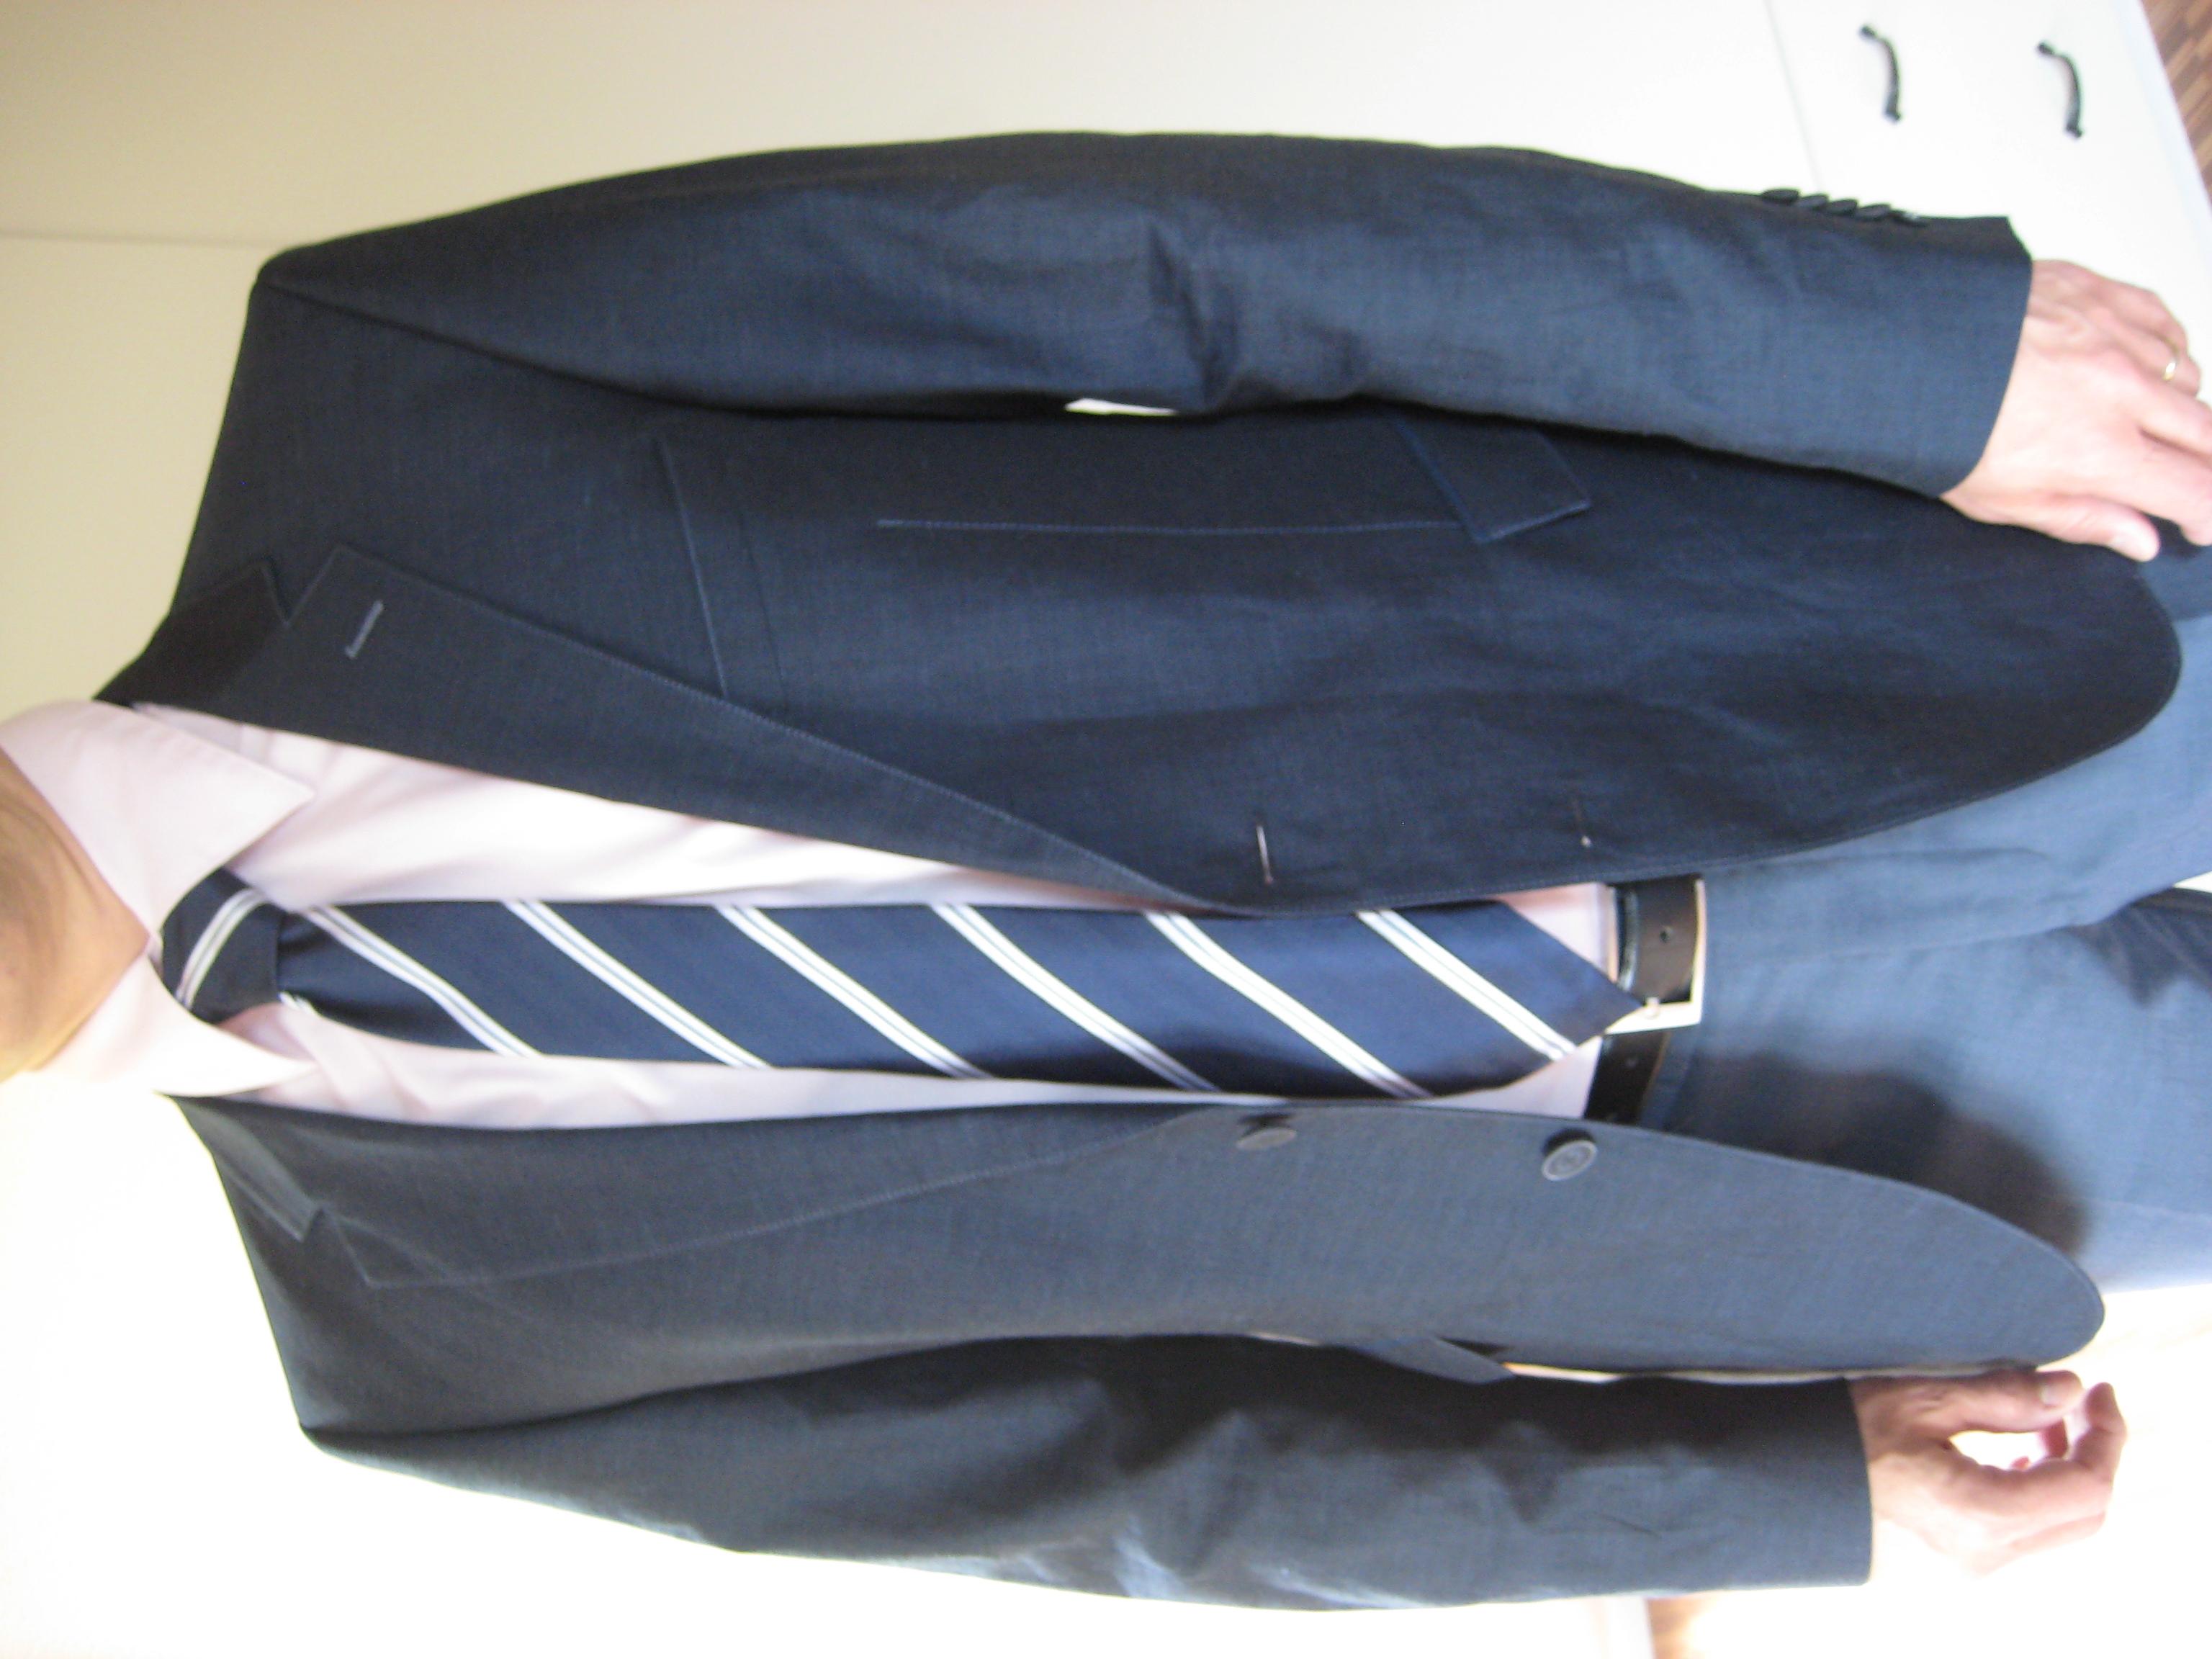 Gerade richtig, wenn die Spitze der Krawatte die Gürteschnalle berührt